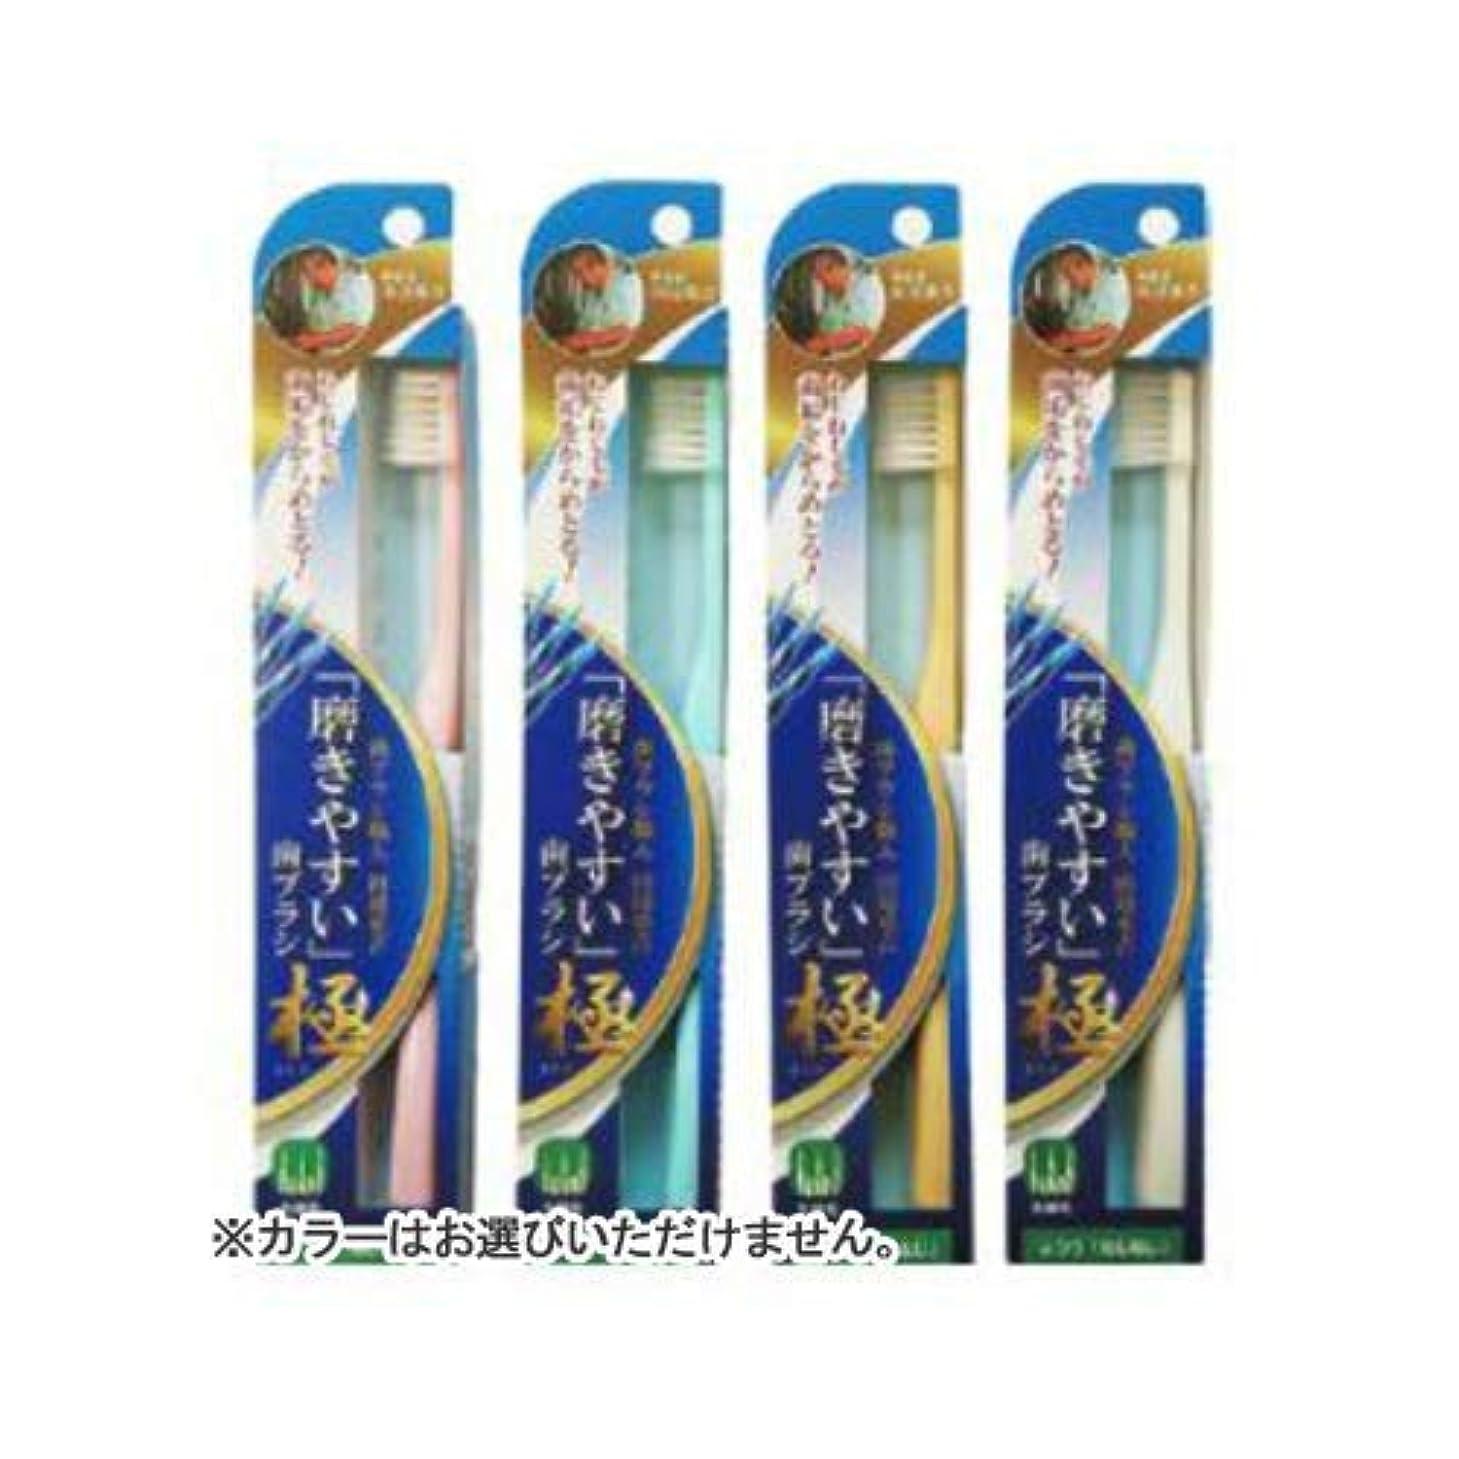 質素なジャニスデータLT-45磨きやすい歯ブラシ極 ねじねじ × 480個セット